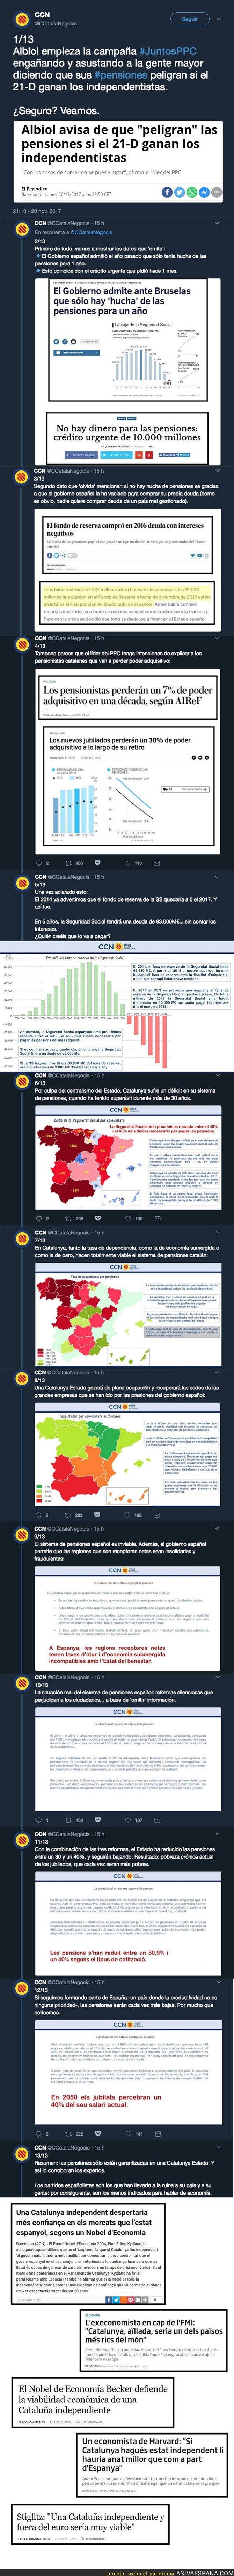 79085 - El PP de Catalunya empieza con la campaña del miedo con la gente mayor y le responden de forma BRUTAL